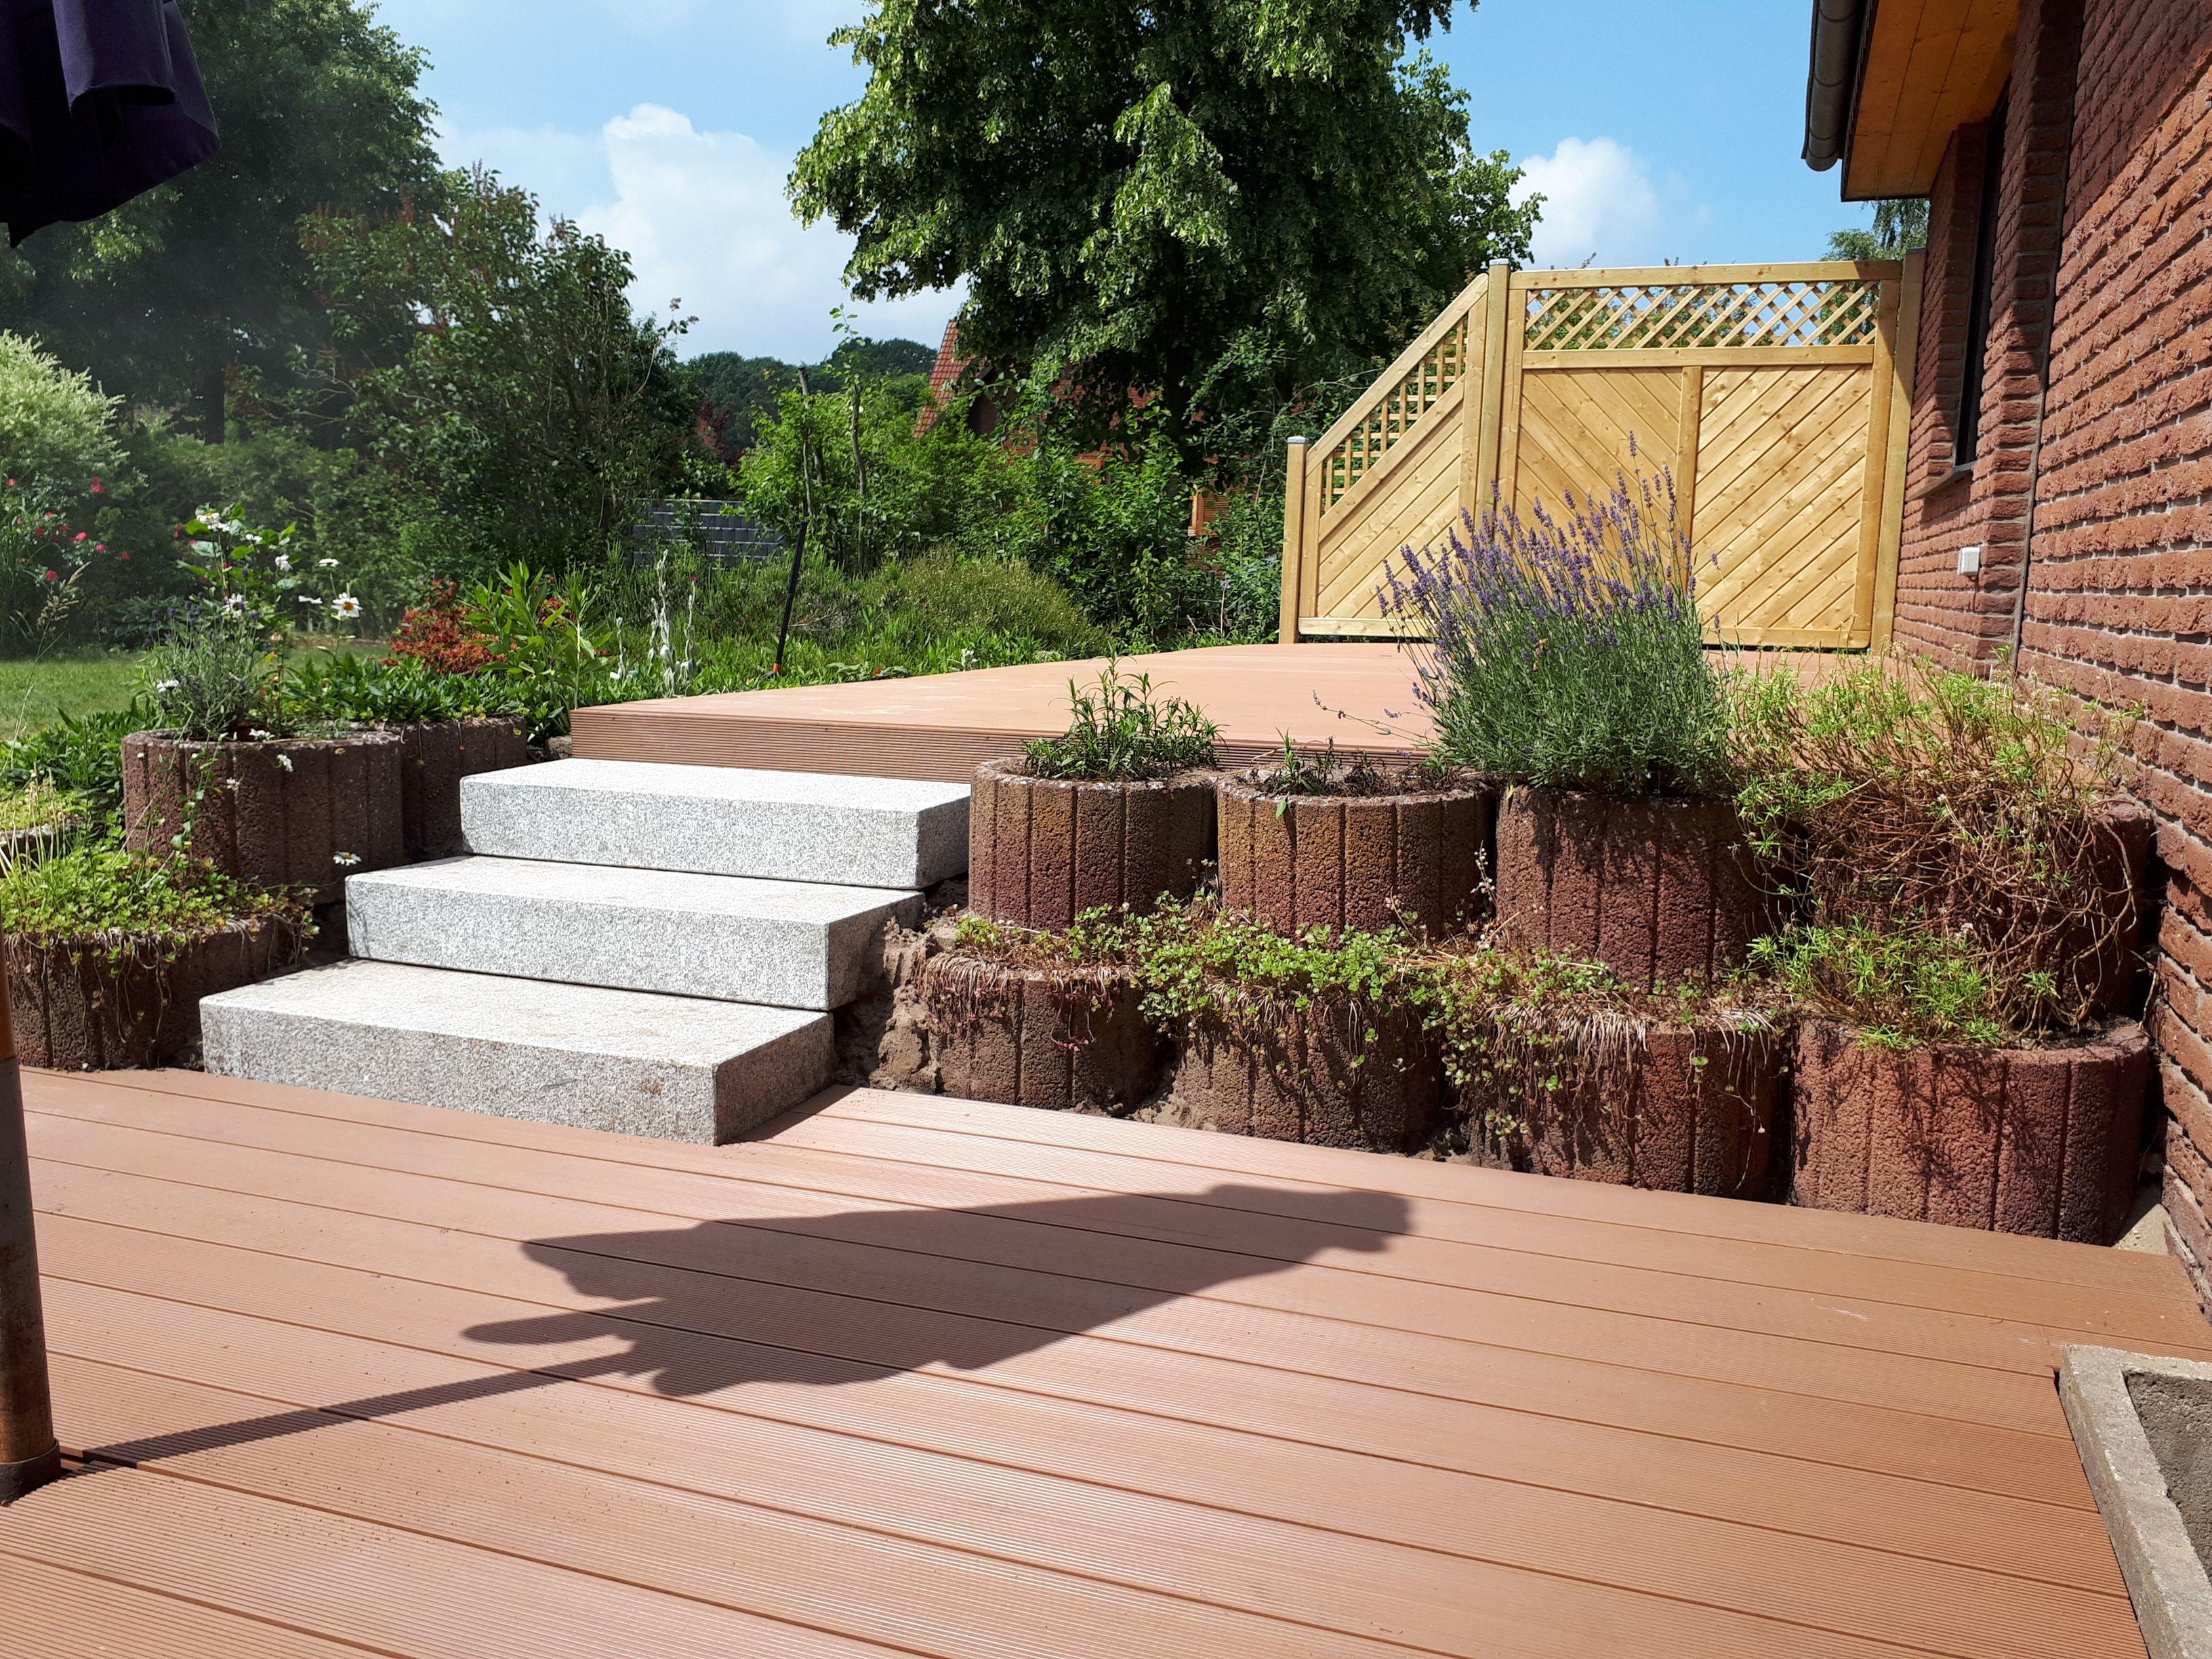 Bau Einer Wpc Terrasse Auf Zwei Ebenen Inkl Blockstufen Aus Granit